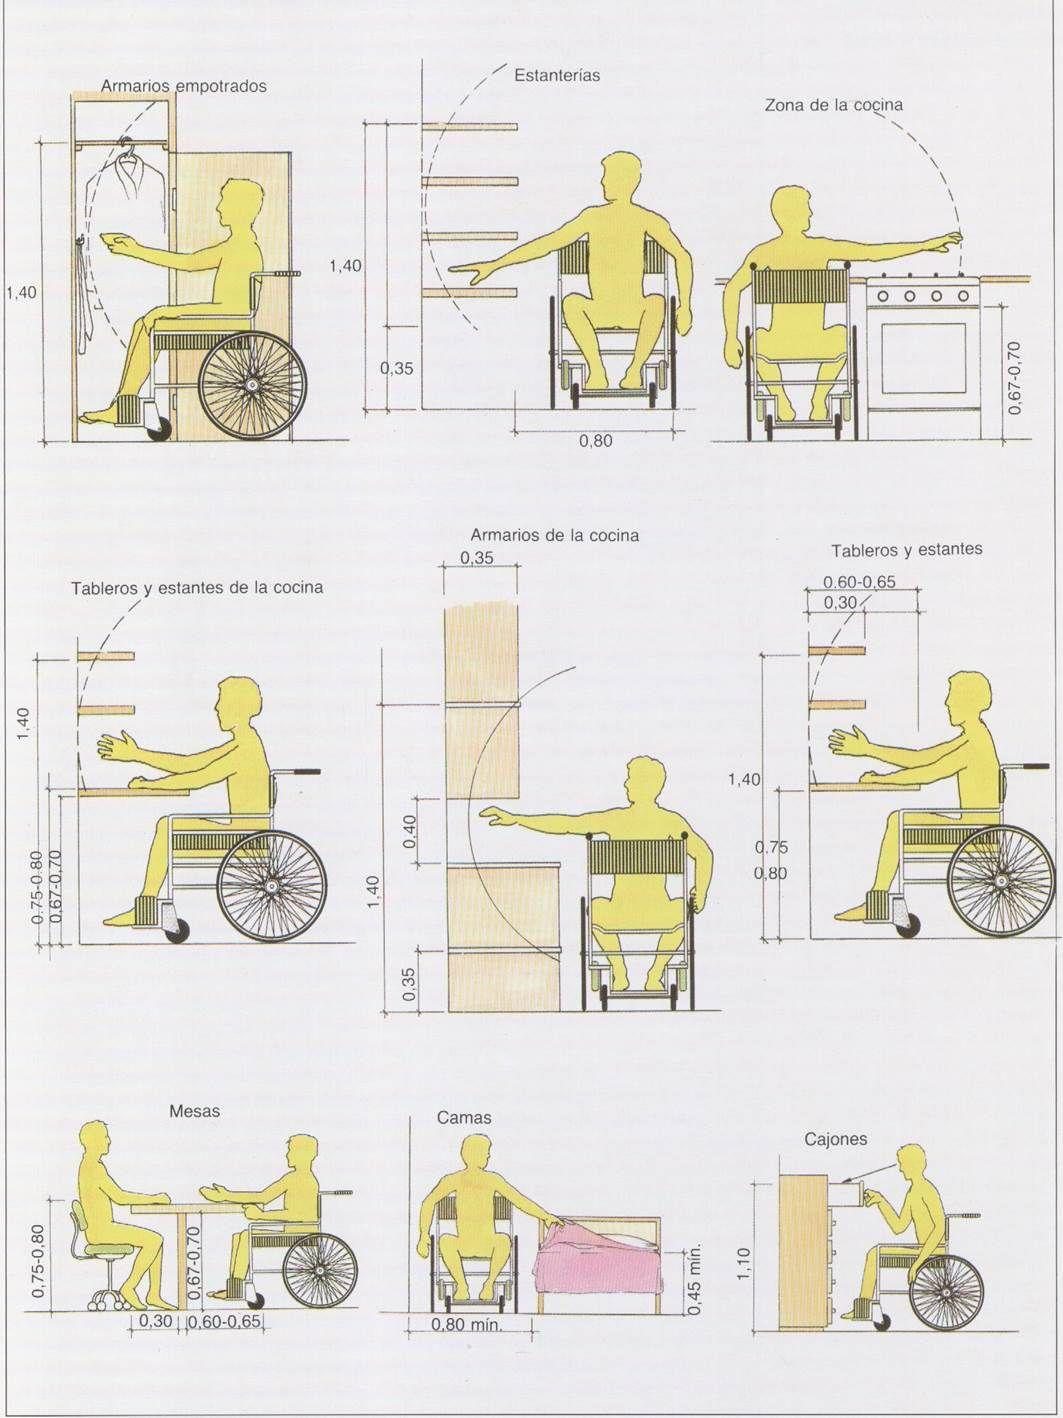 Bricolaje y carpintería de madera: Medidas Ergonómicas de muebles ...